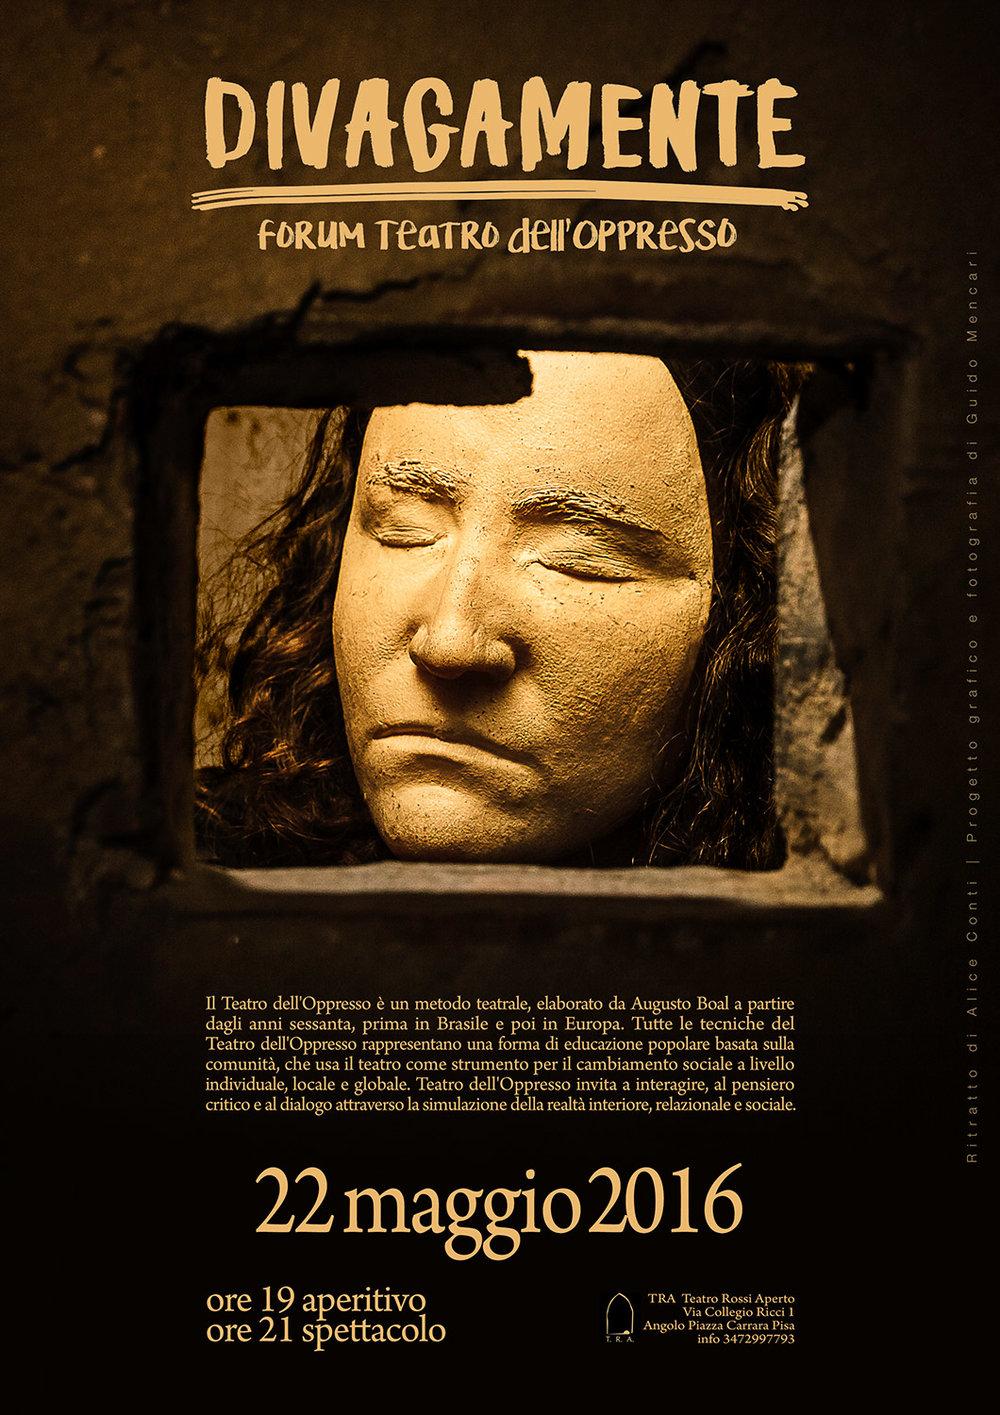 Divagamente.Forum Teatro dell'Oppresso    Poster   Teatro Rossi Aperto  Pisa, 2016